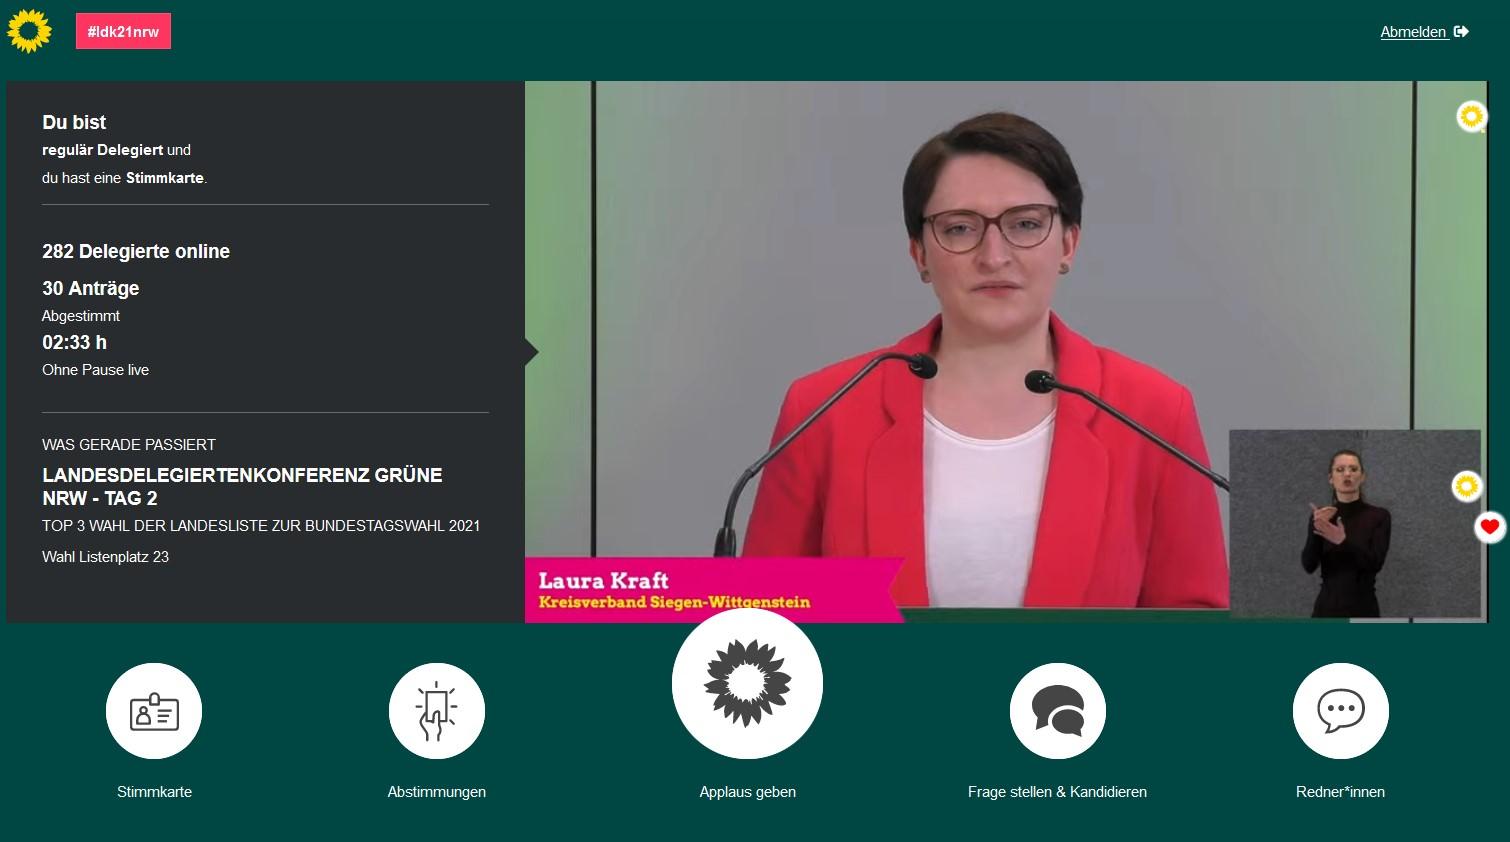 LDK   Landesdelegiertenkonferenz 09. bis 11. April 2021: Laura Kraft als unsere Bewerberin für den Bundestag